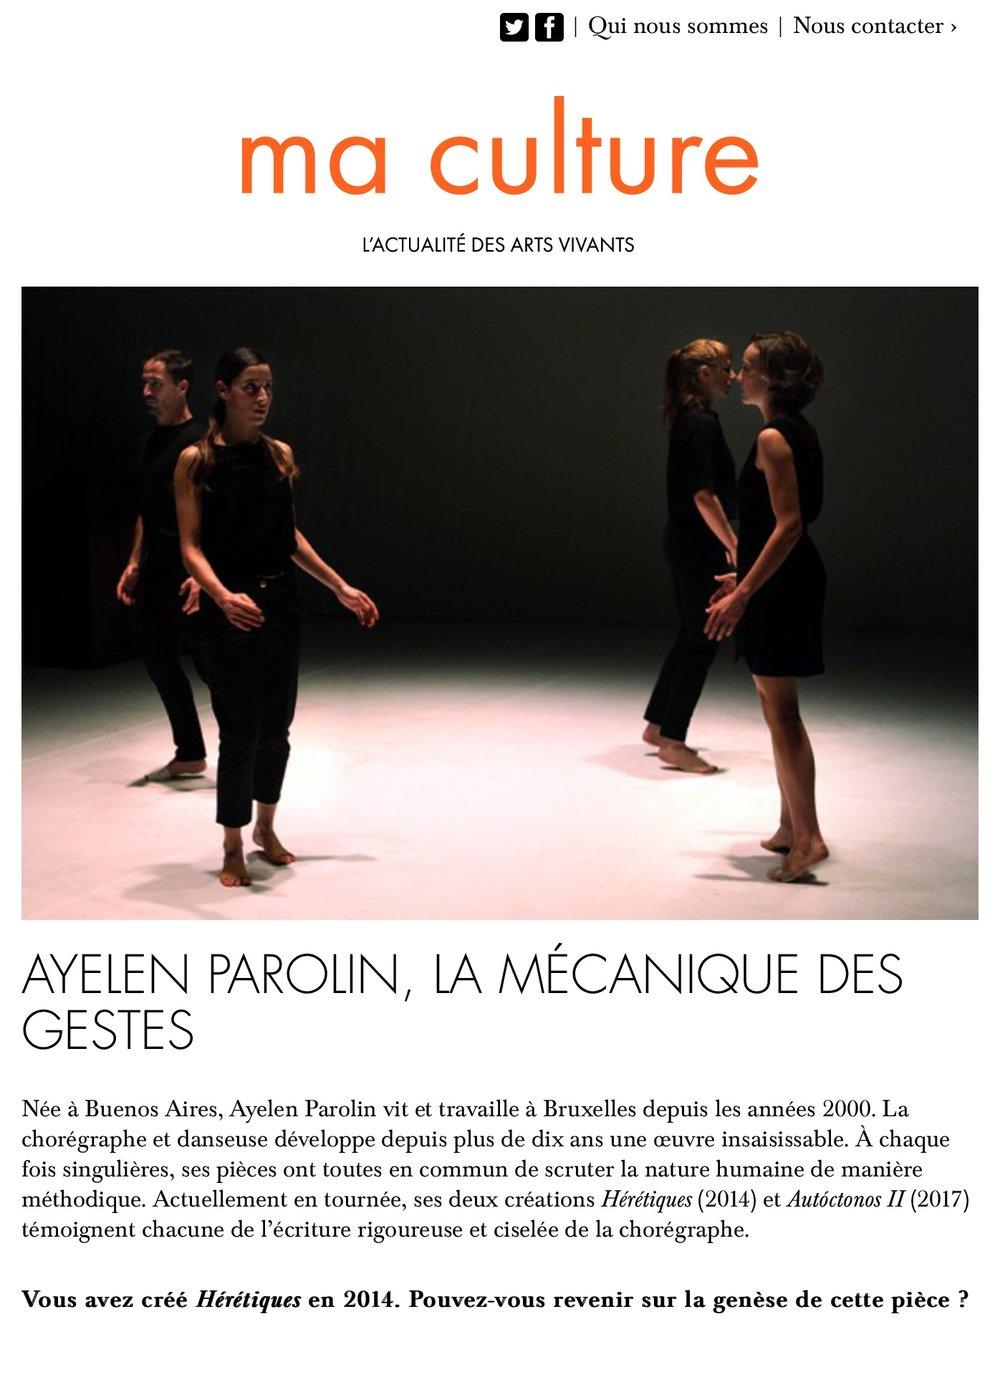 Ayelen-Parolin,-La-mecanique-des-gestes---MA-CULTURE-1-3-001.jpg